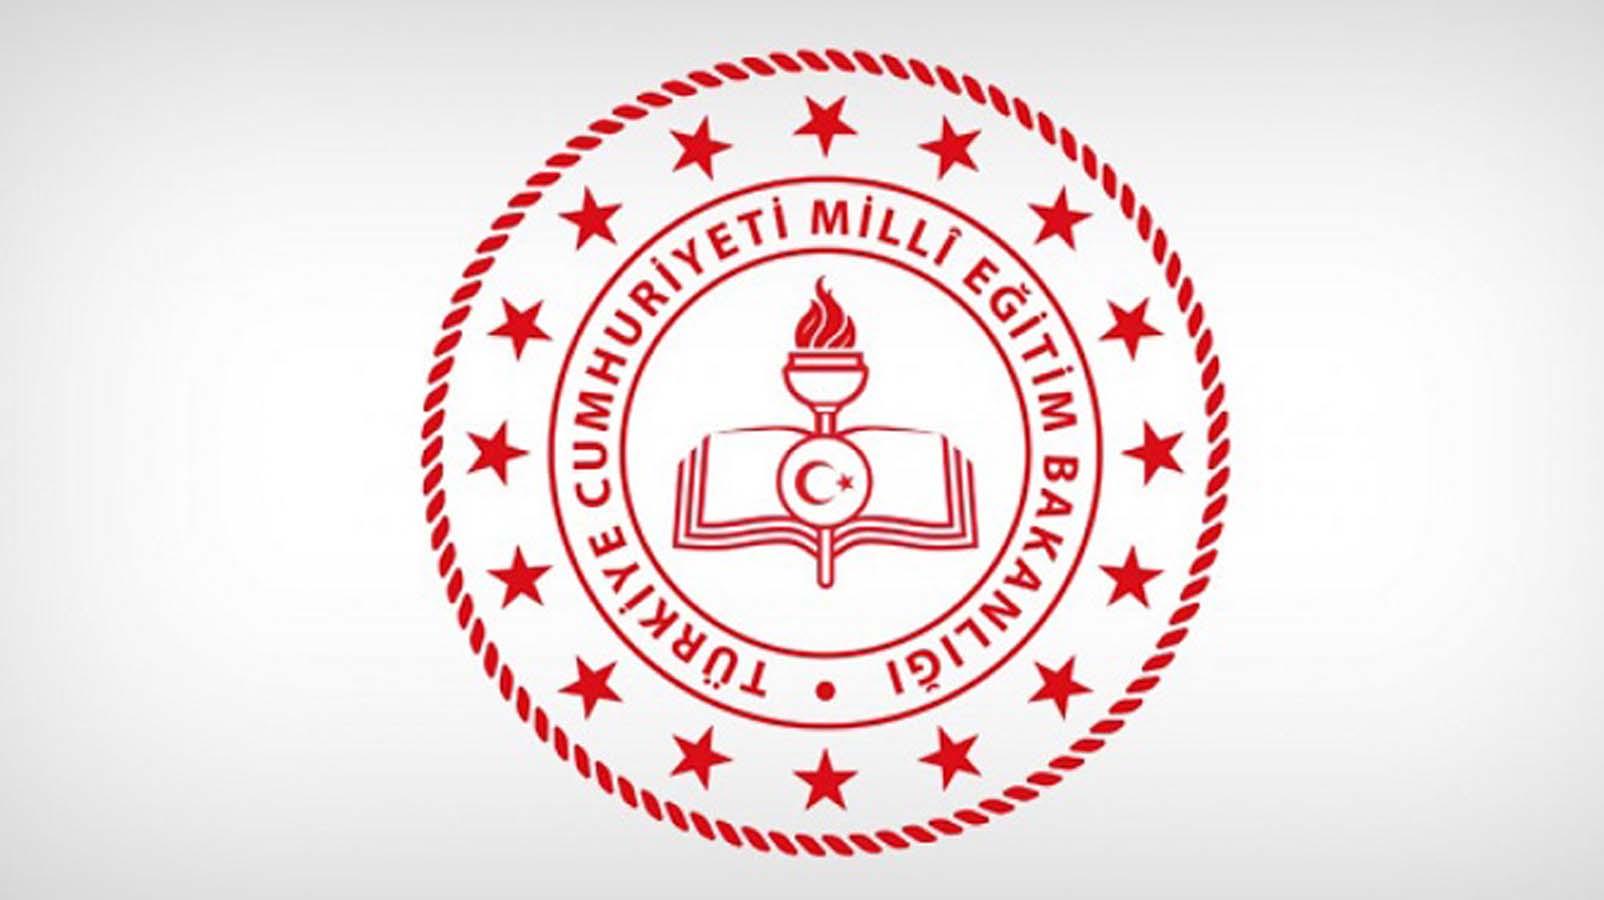 Milli Eğitim Bakanı'ndan Öğrencilere 3 Farklı Mektup